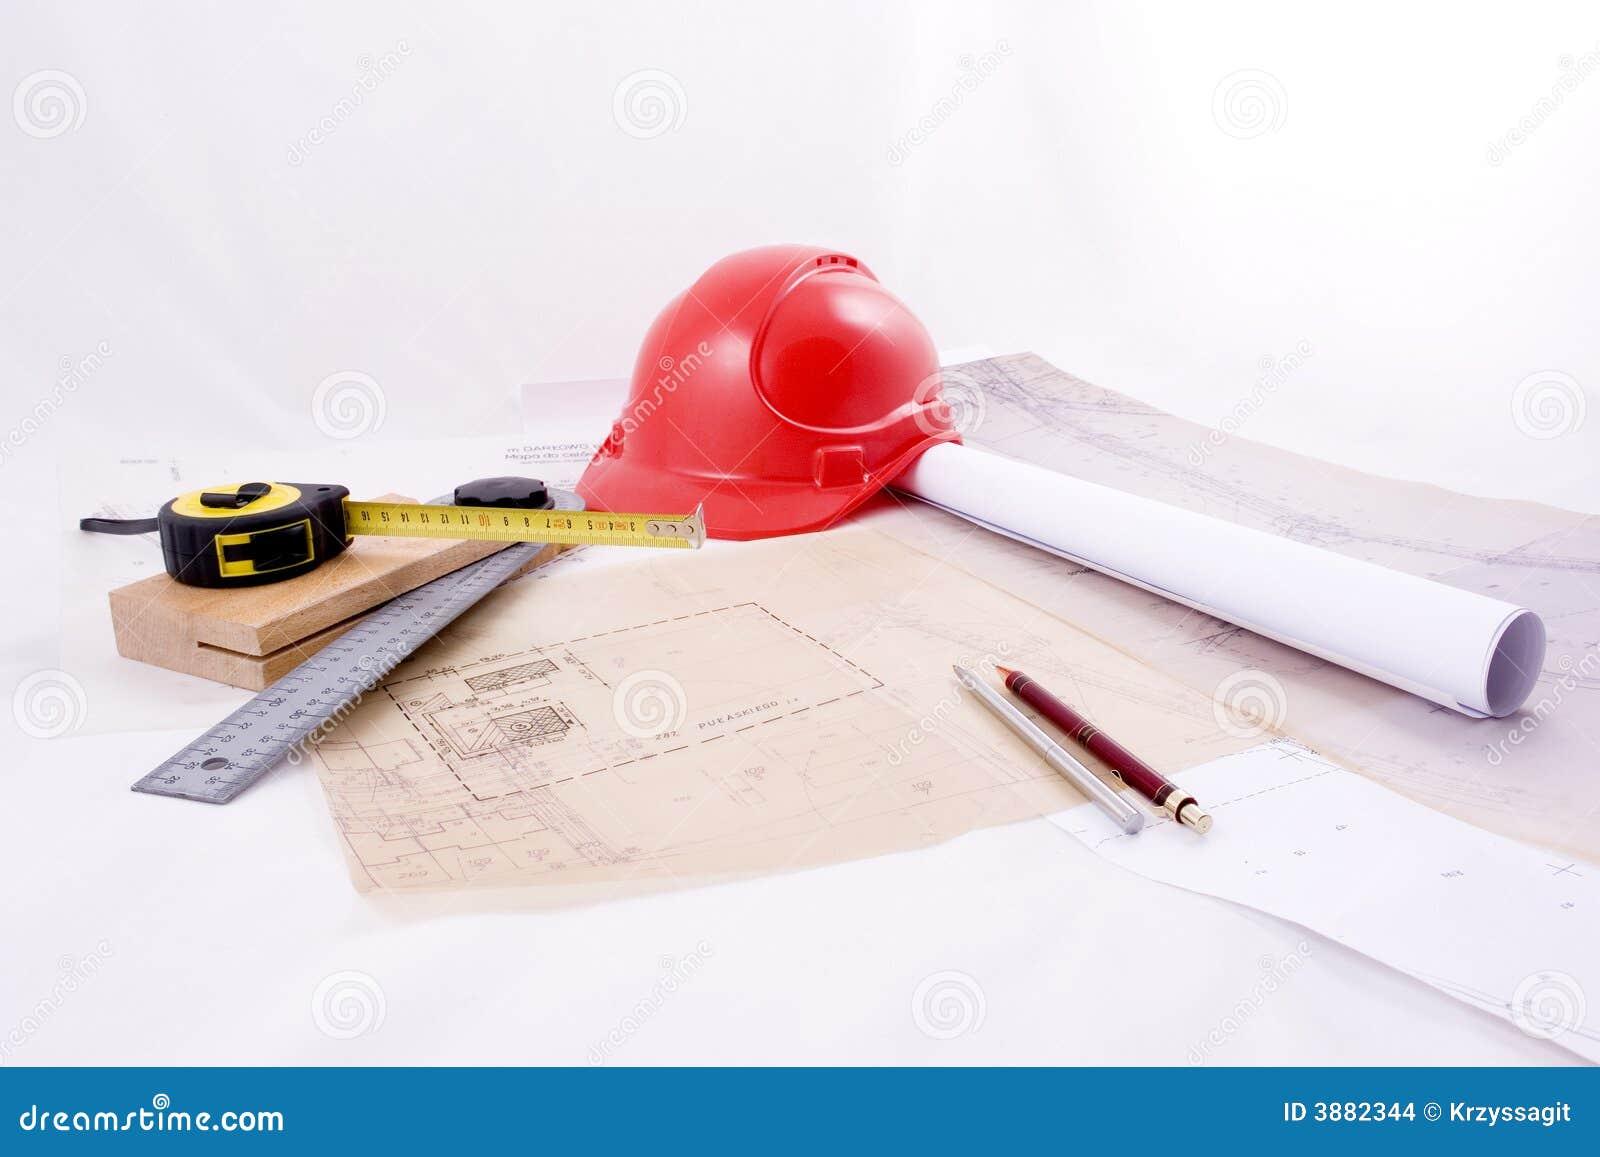 Architettura e costruzione